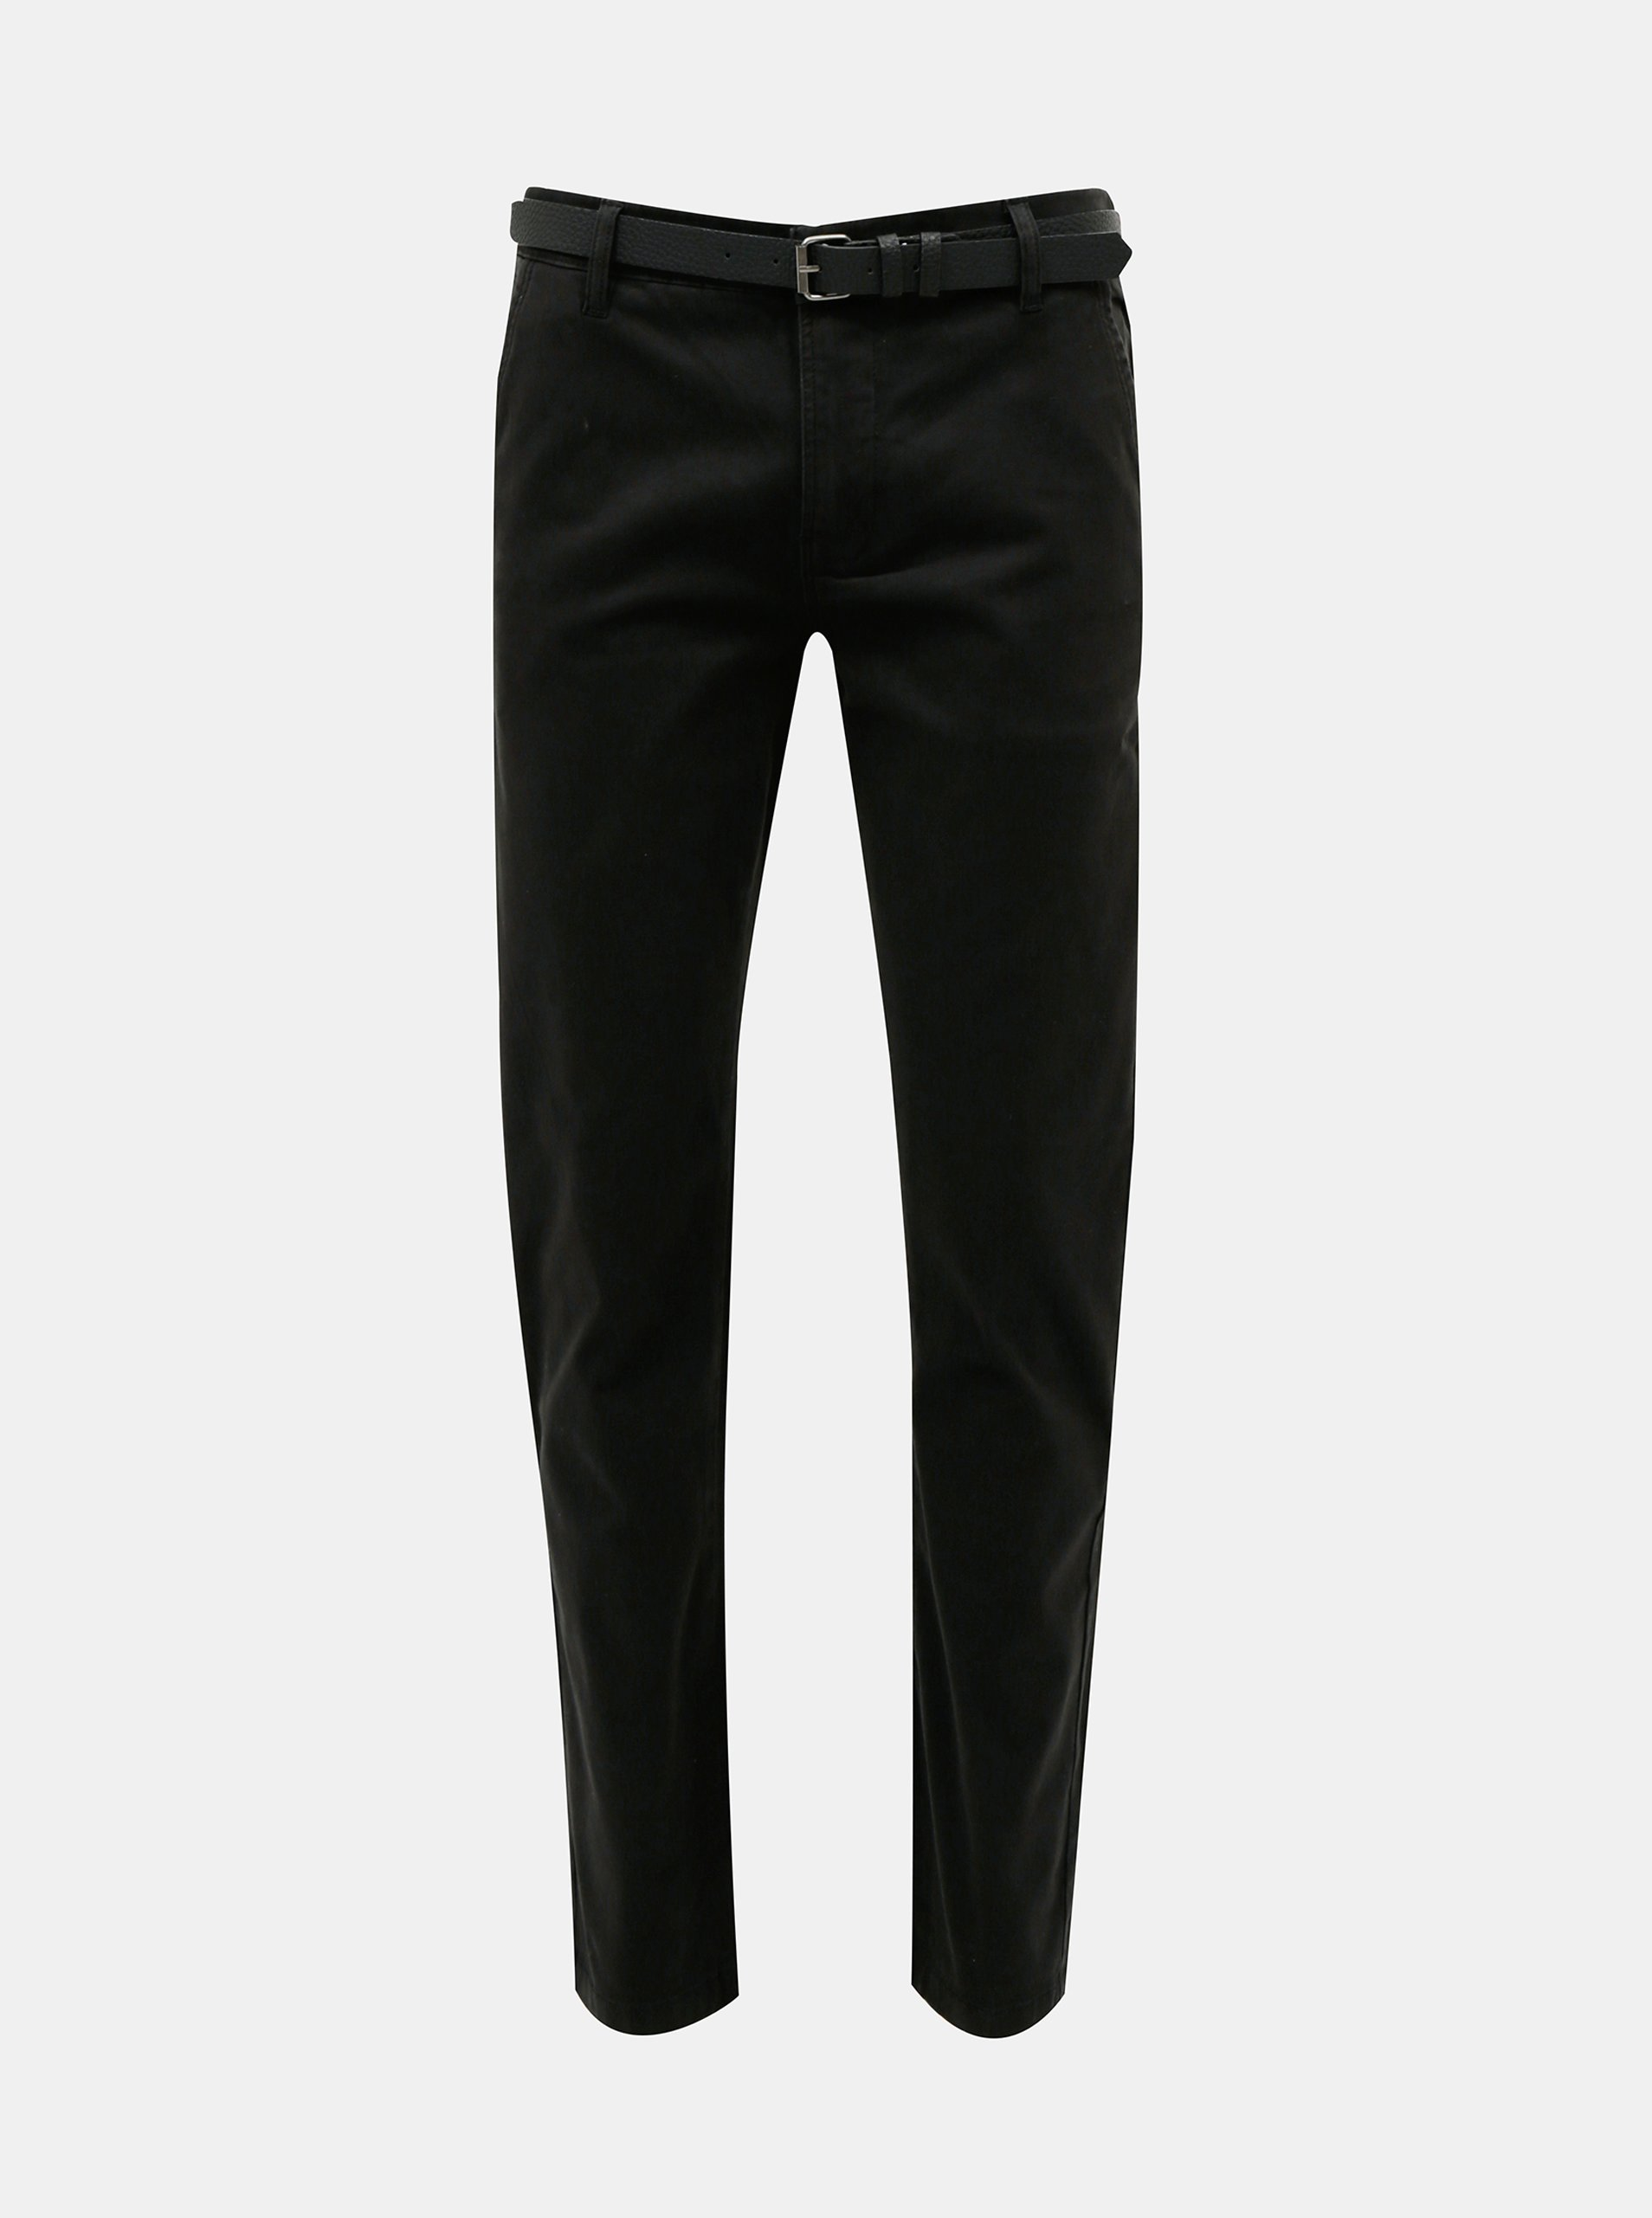 Čierne chino slim fit nohavice s opaskom Lindbergh.